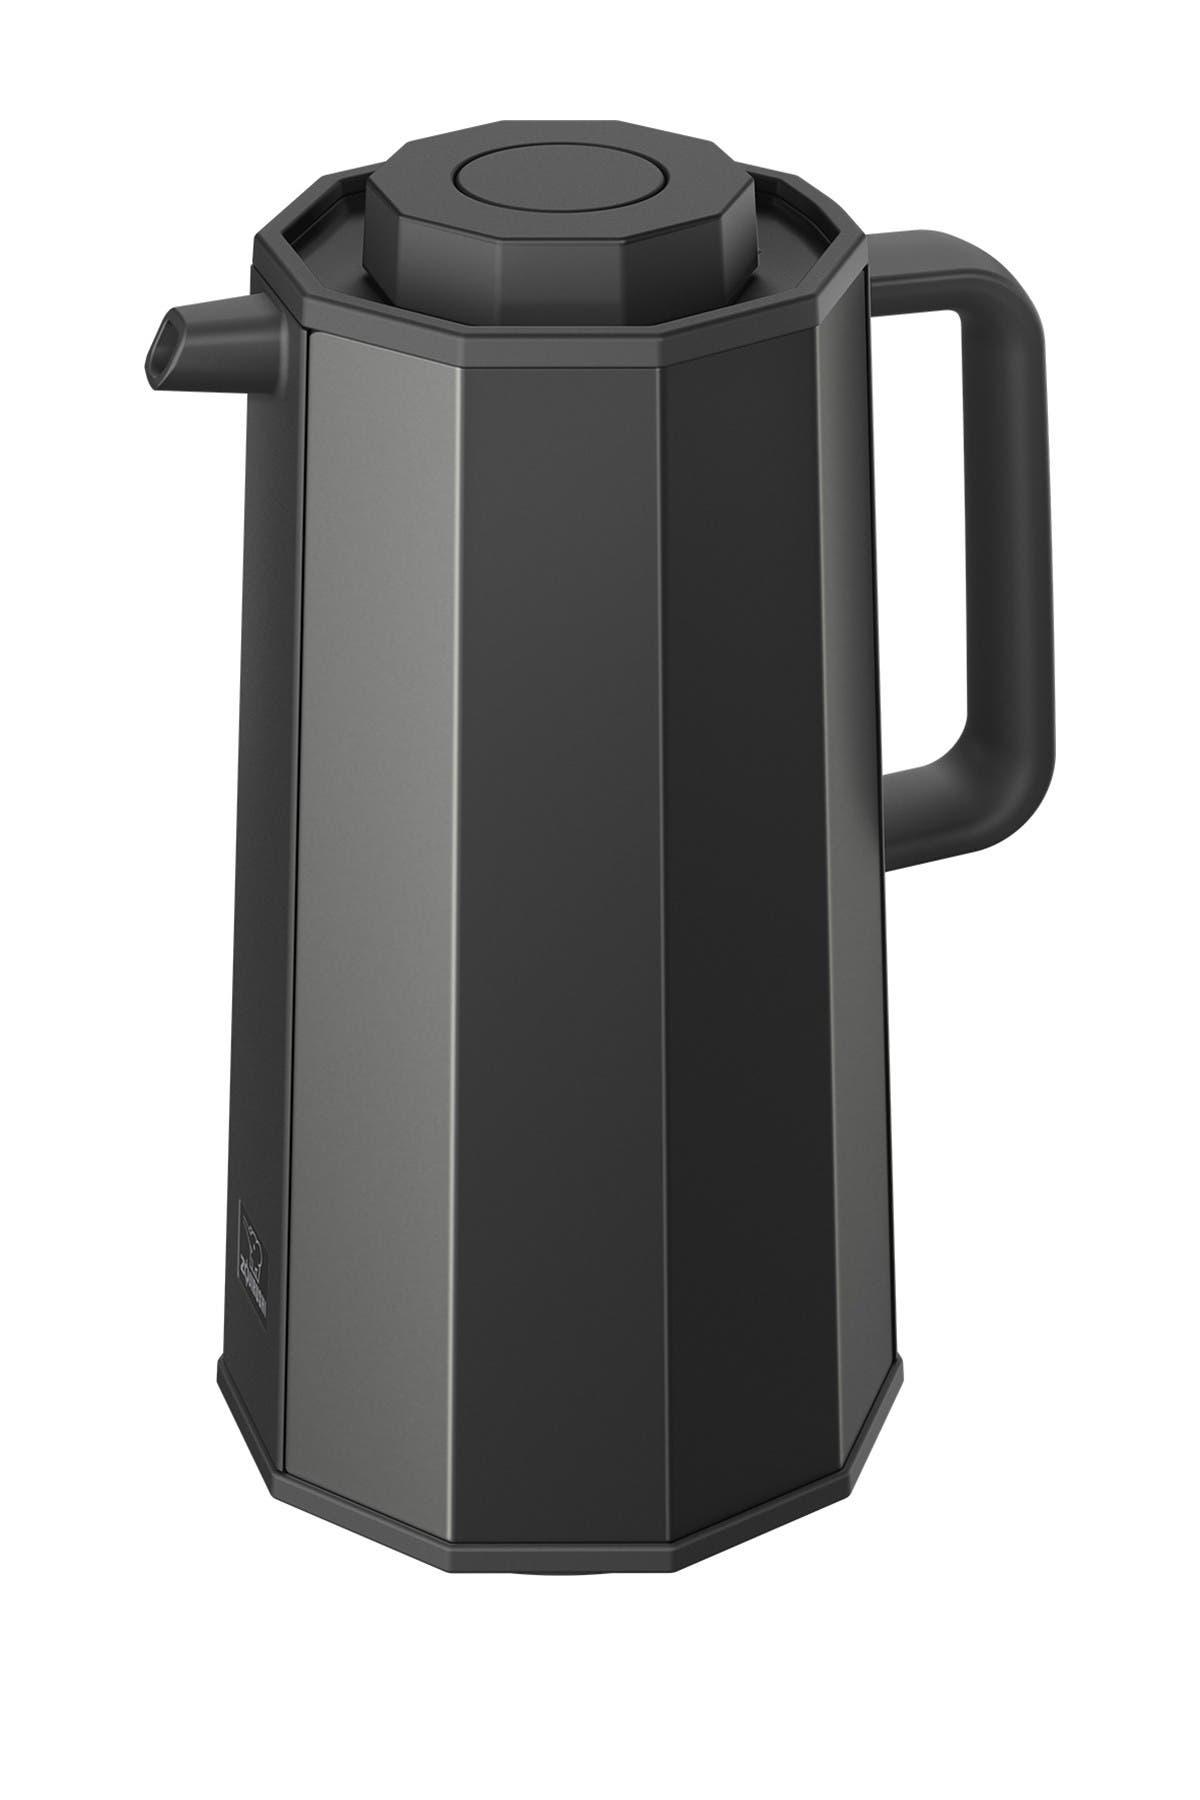 Image of ZOJIRUSHI Glass Vacuum Carafe - Black